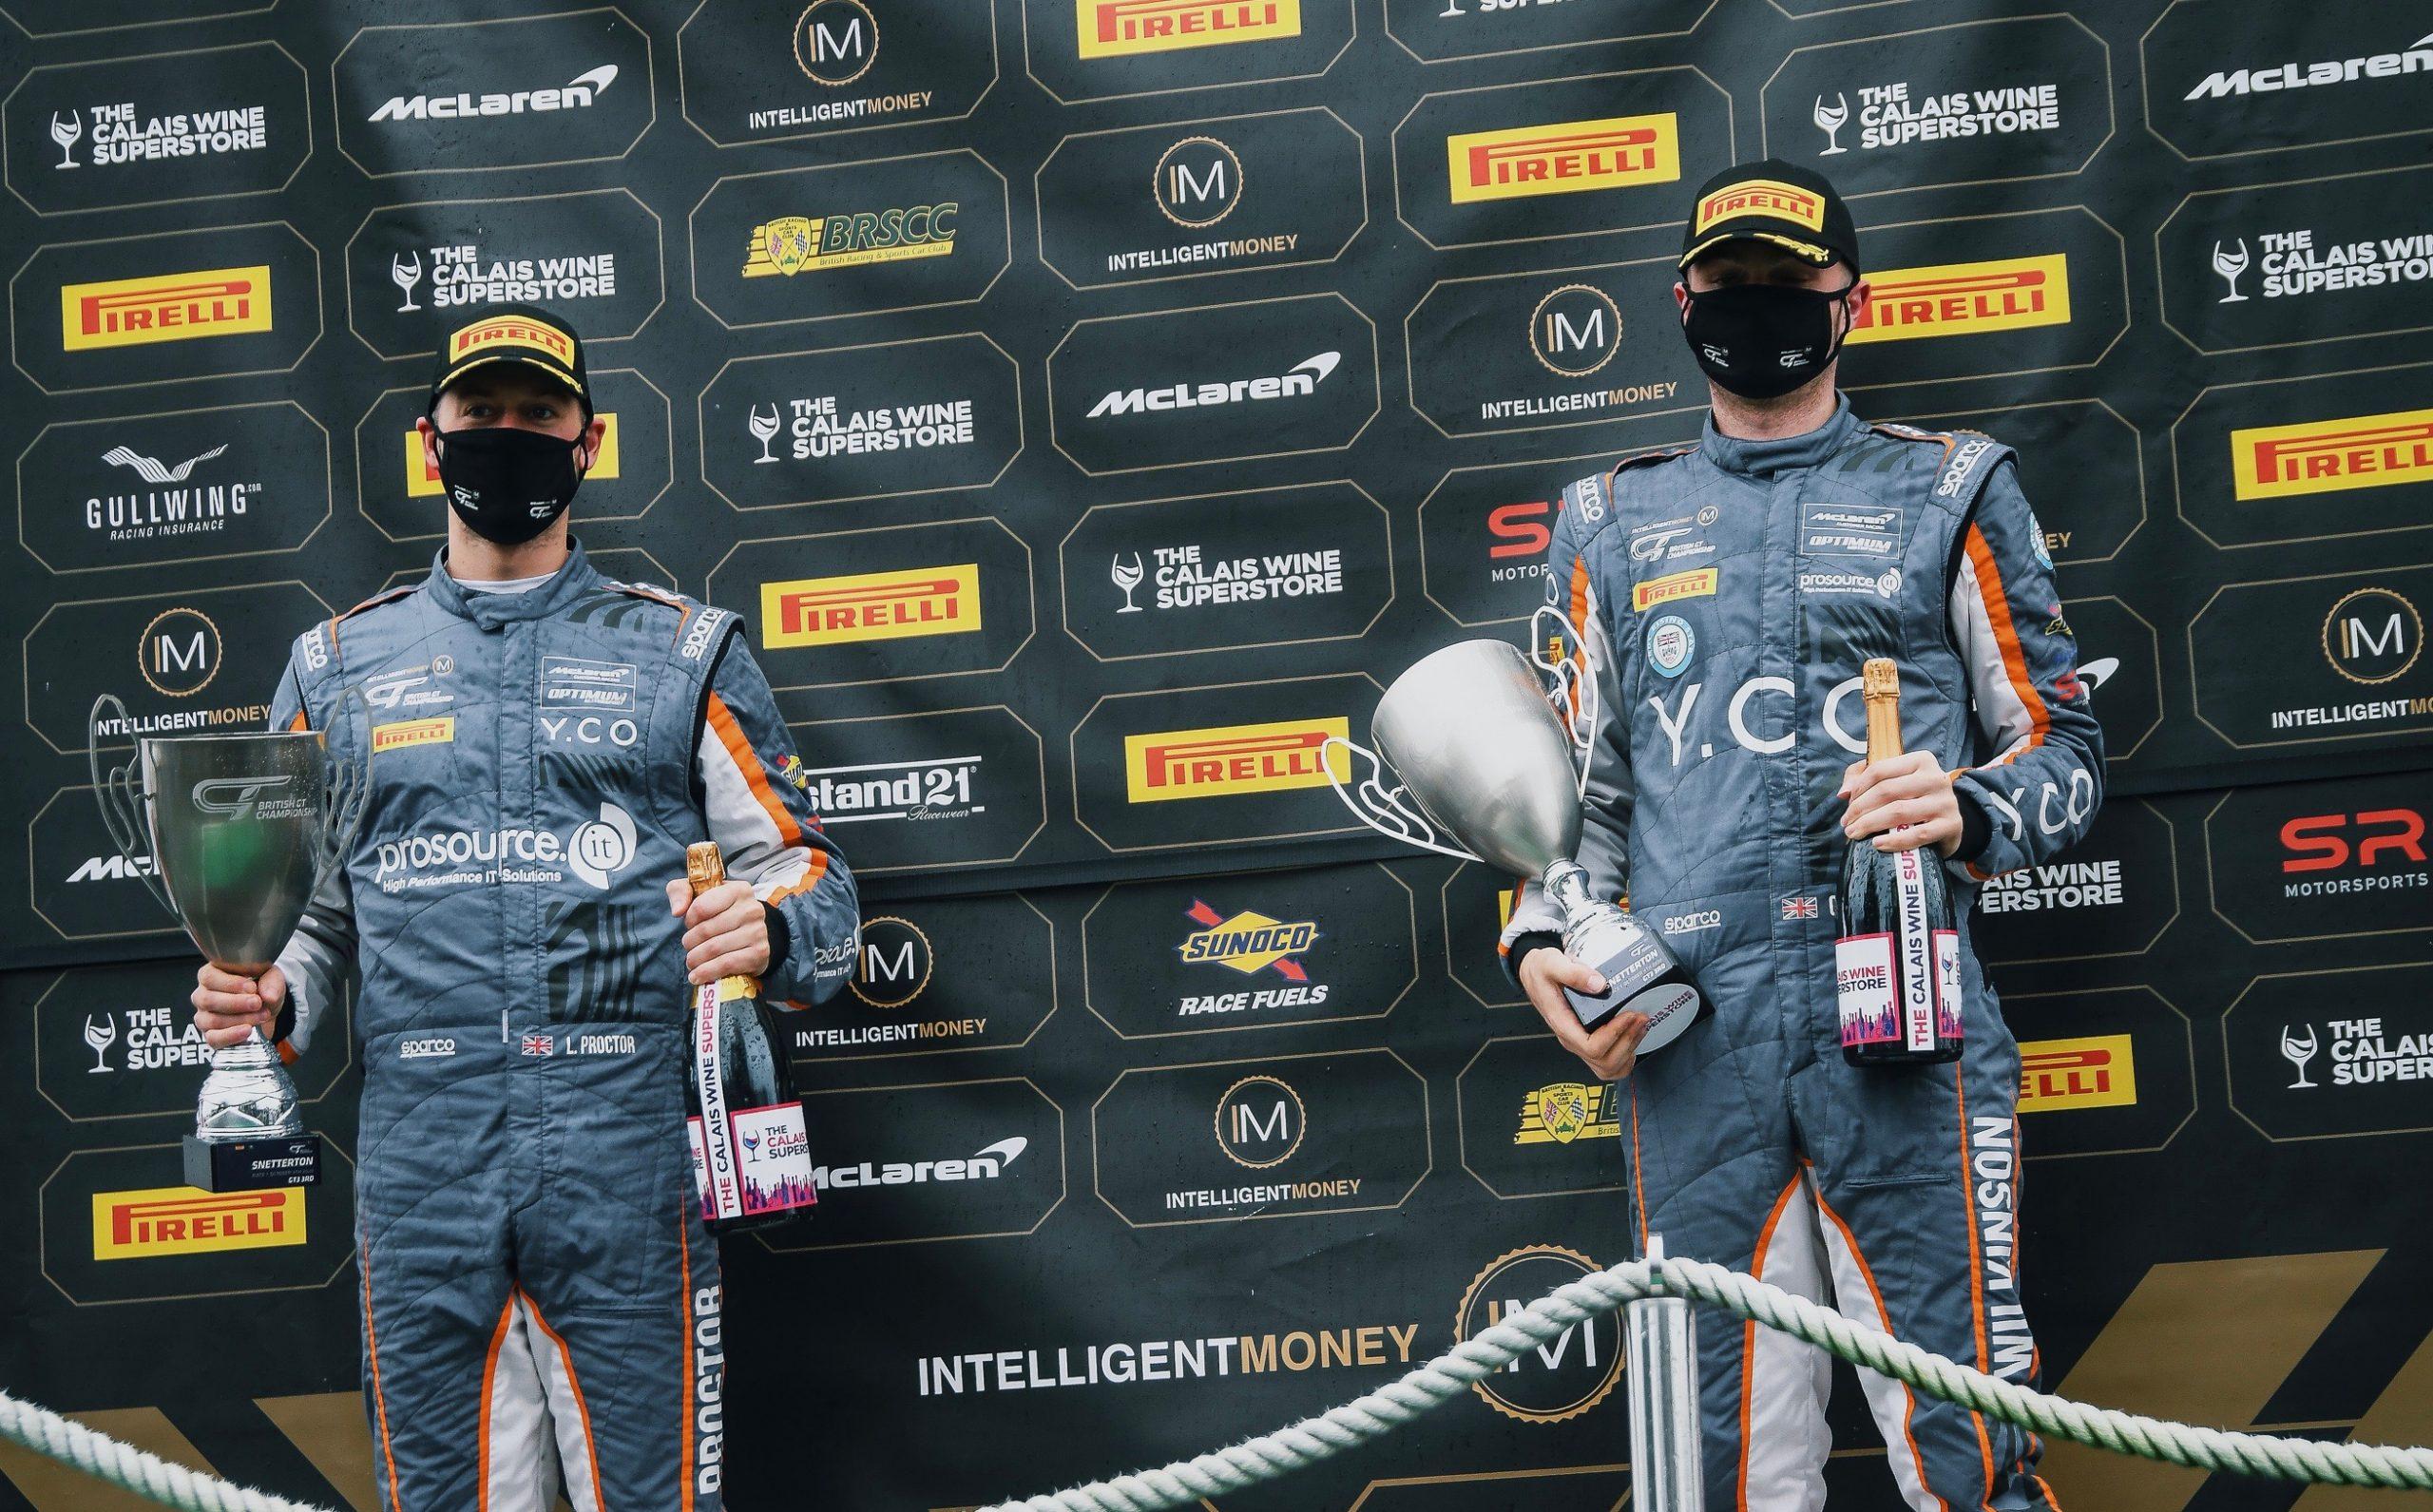 2020 – Intelligent Money British GT Championship, McLaren 720S GT3